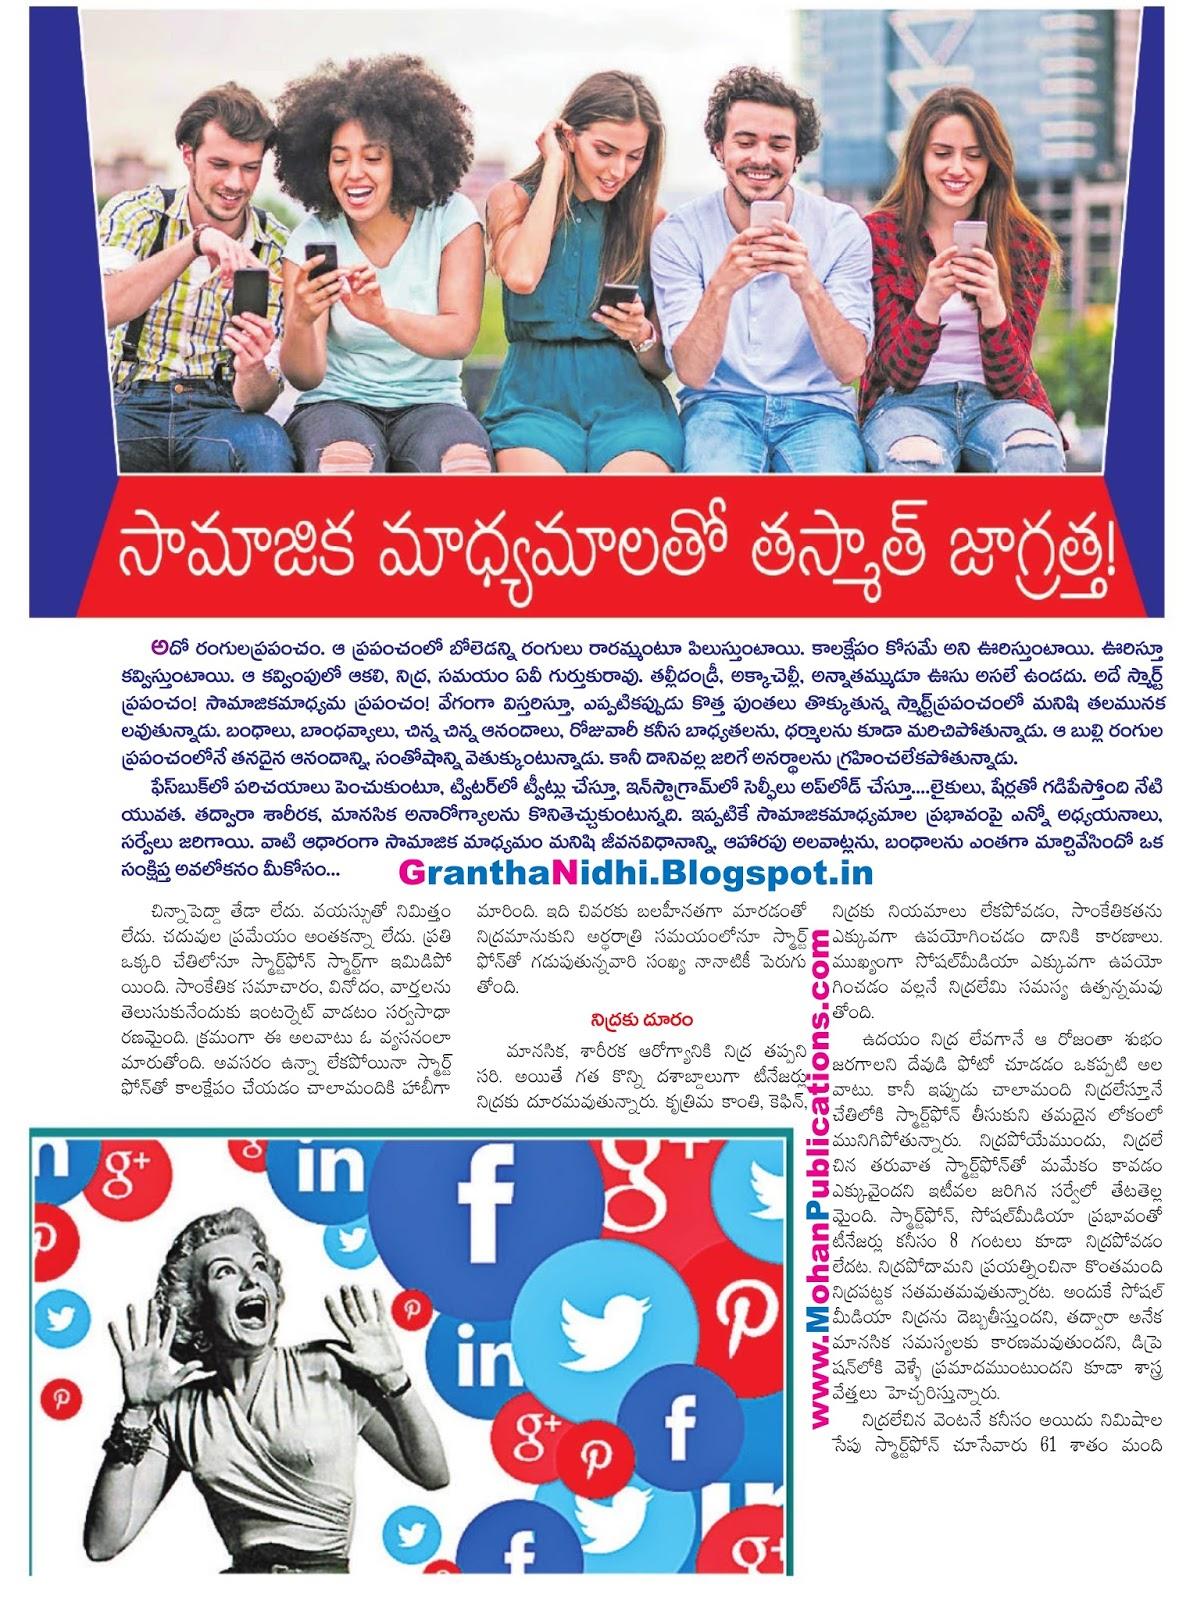 సామాజిక మాధ్యమాలతో తస్మాత్ జాగ్రత్త_Beware of Socialmedia Social Media Media Mobile Cellphone Facebook Whatsapp Instagram Twitter Wechat Bhakthi Pustakalu Bhakti Pustakalu BhakthiPustakalu BhaktiPustakalu